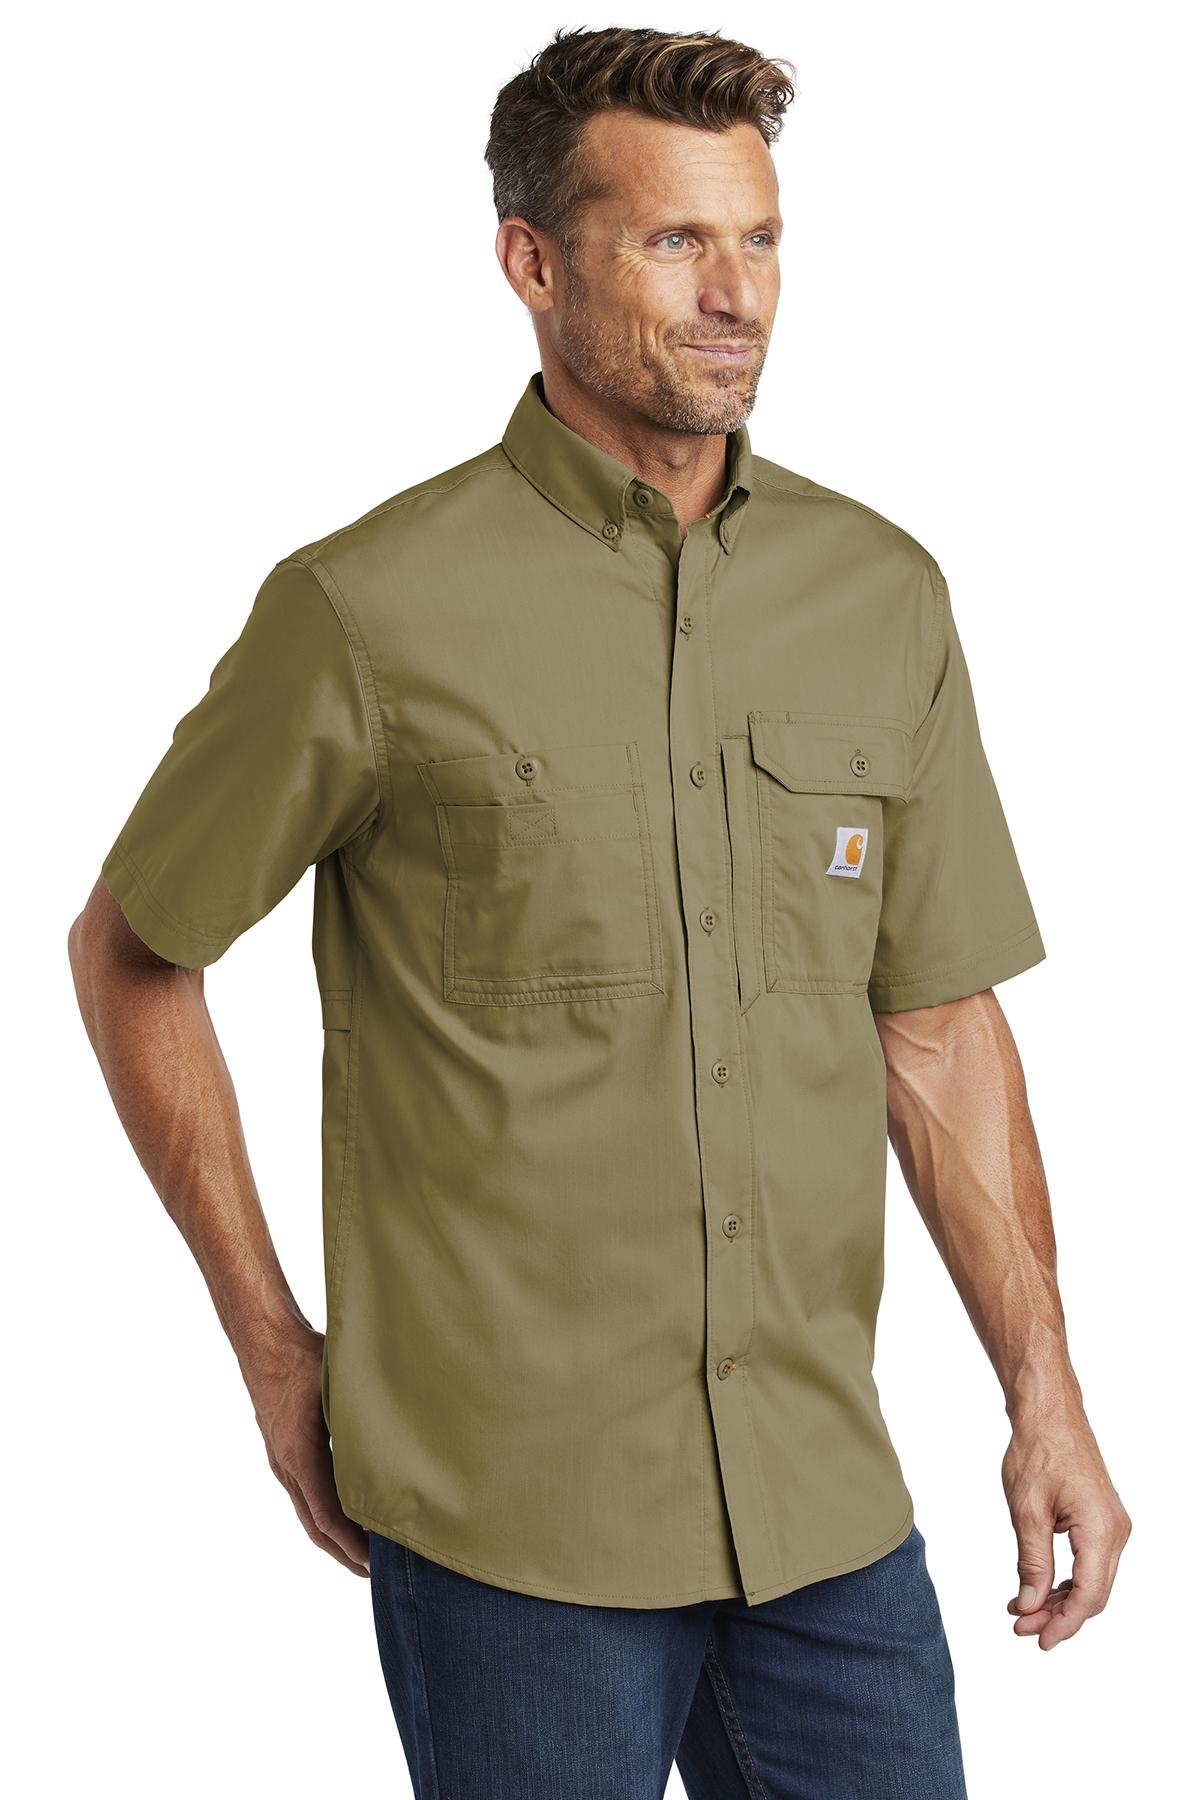 bbb11a290d Carhartt Force ® Ridgefield Solid Short Sleeve Shirt